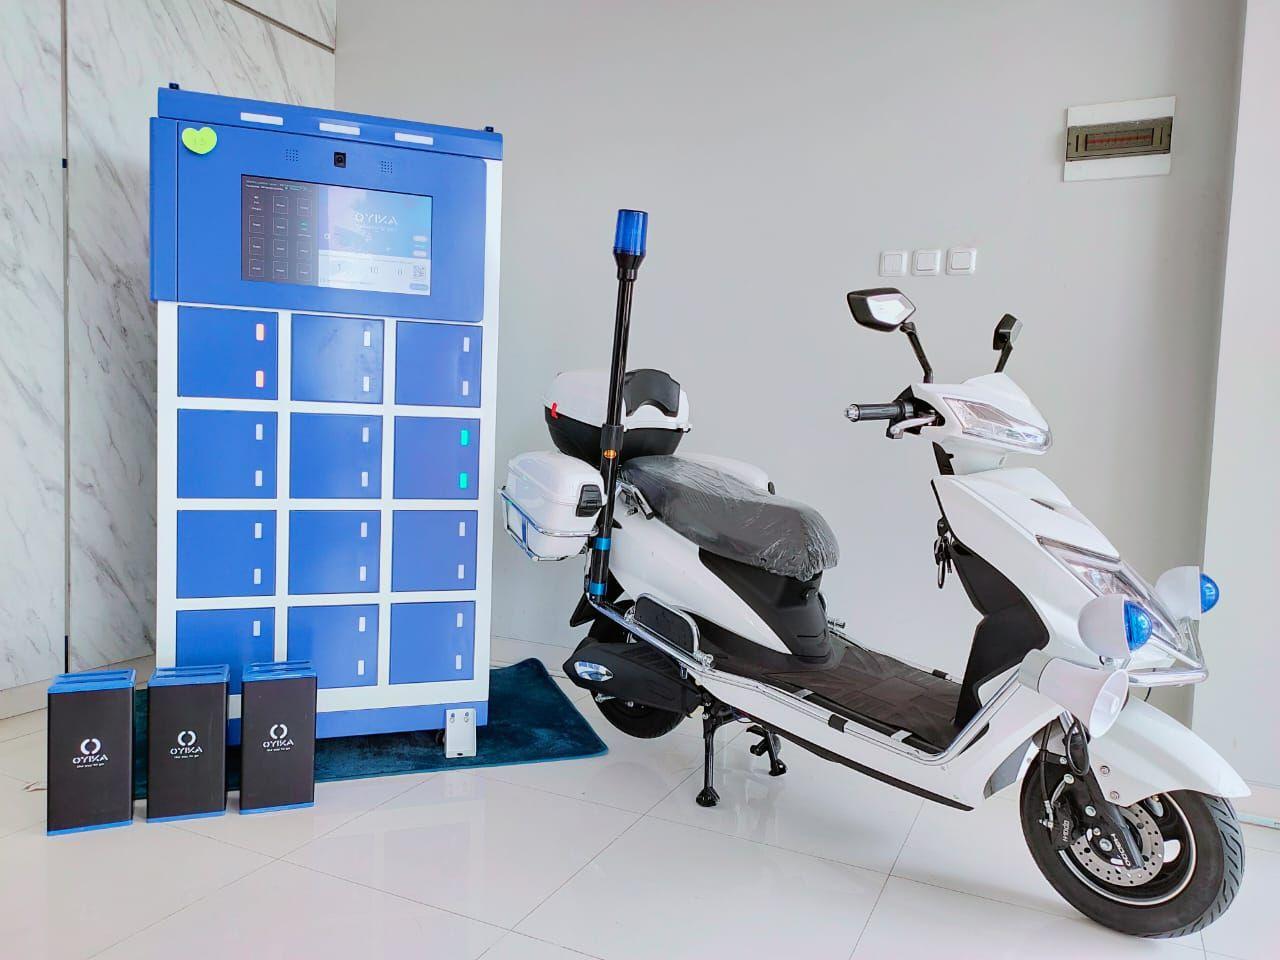 Xe máy điện, pin và trạm sạc của Oyika. Ảnh: Oyika.